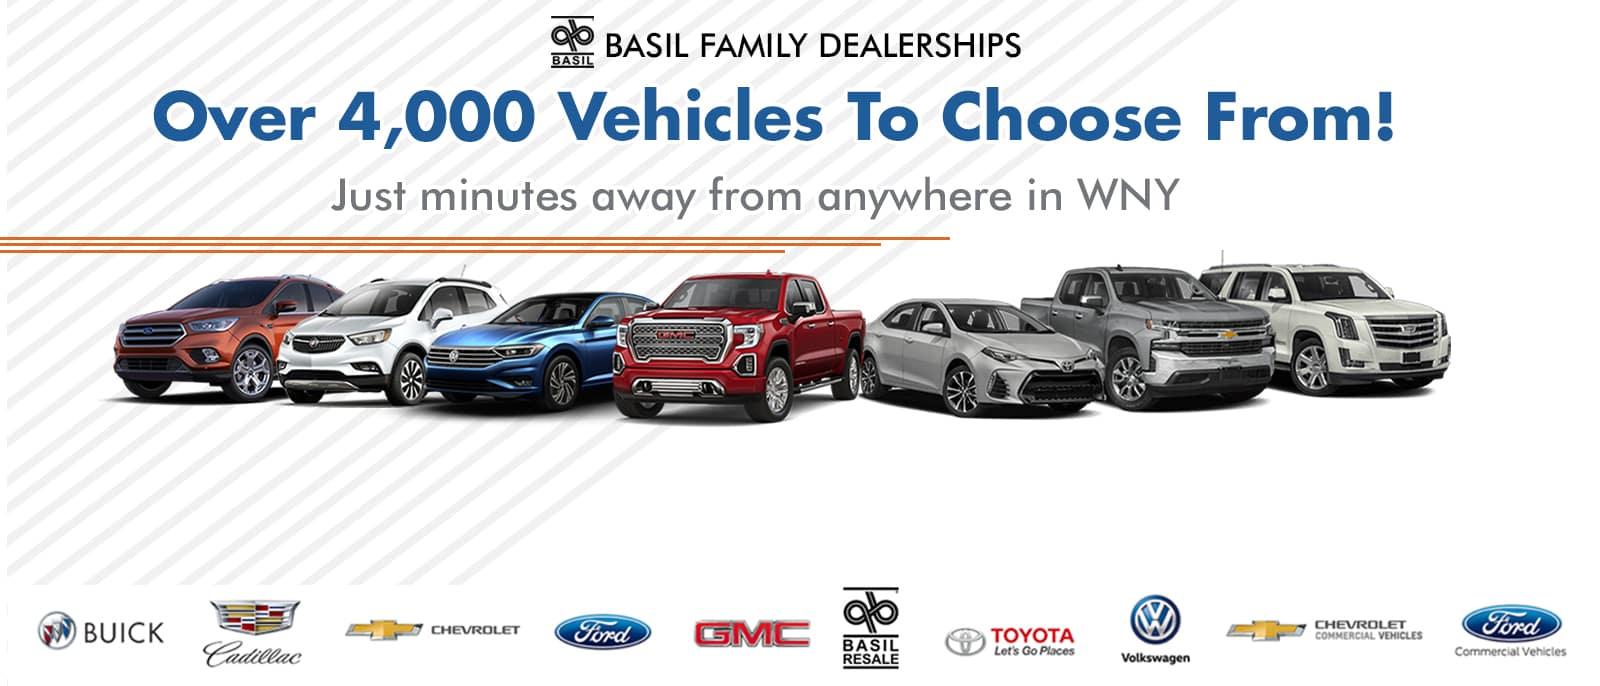 Basil Family Dealerships